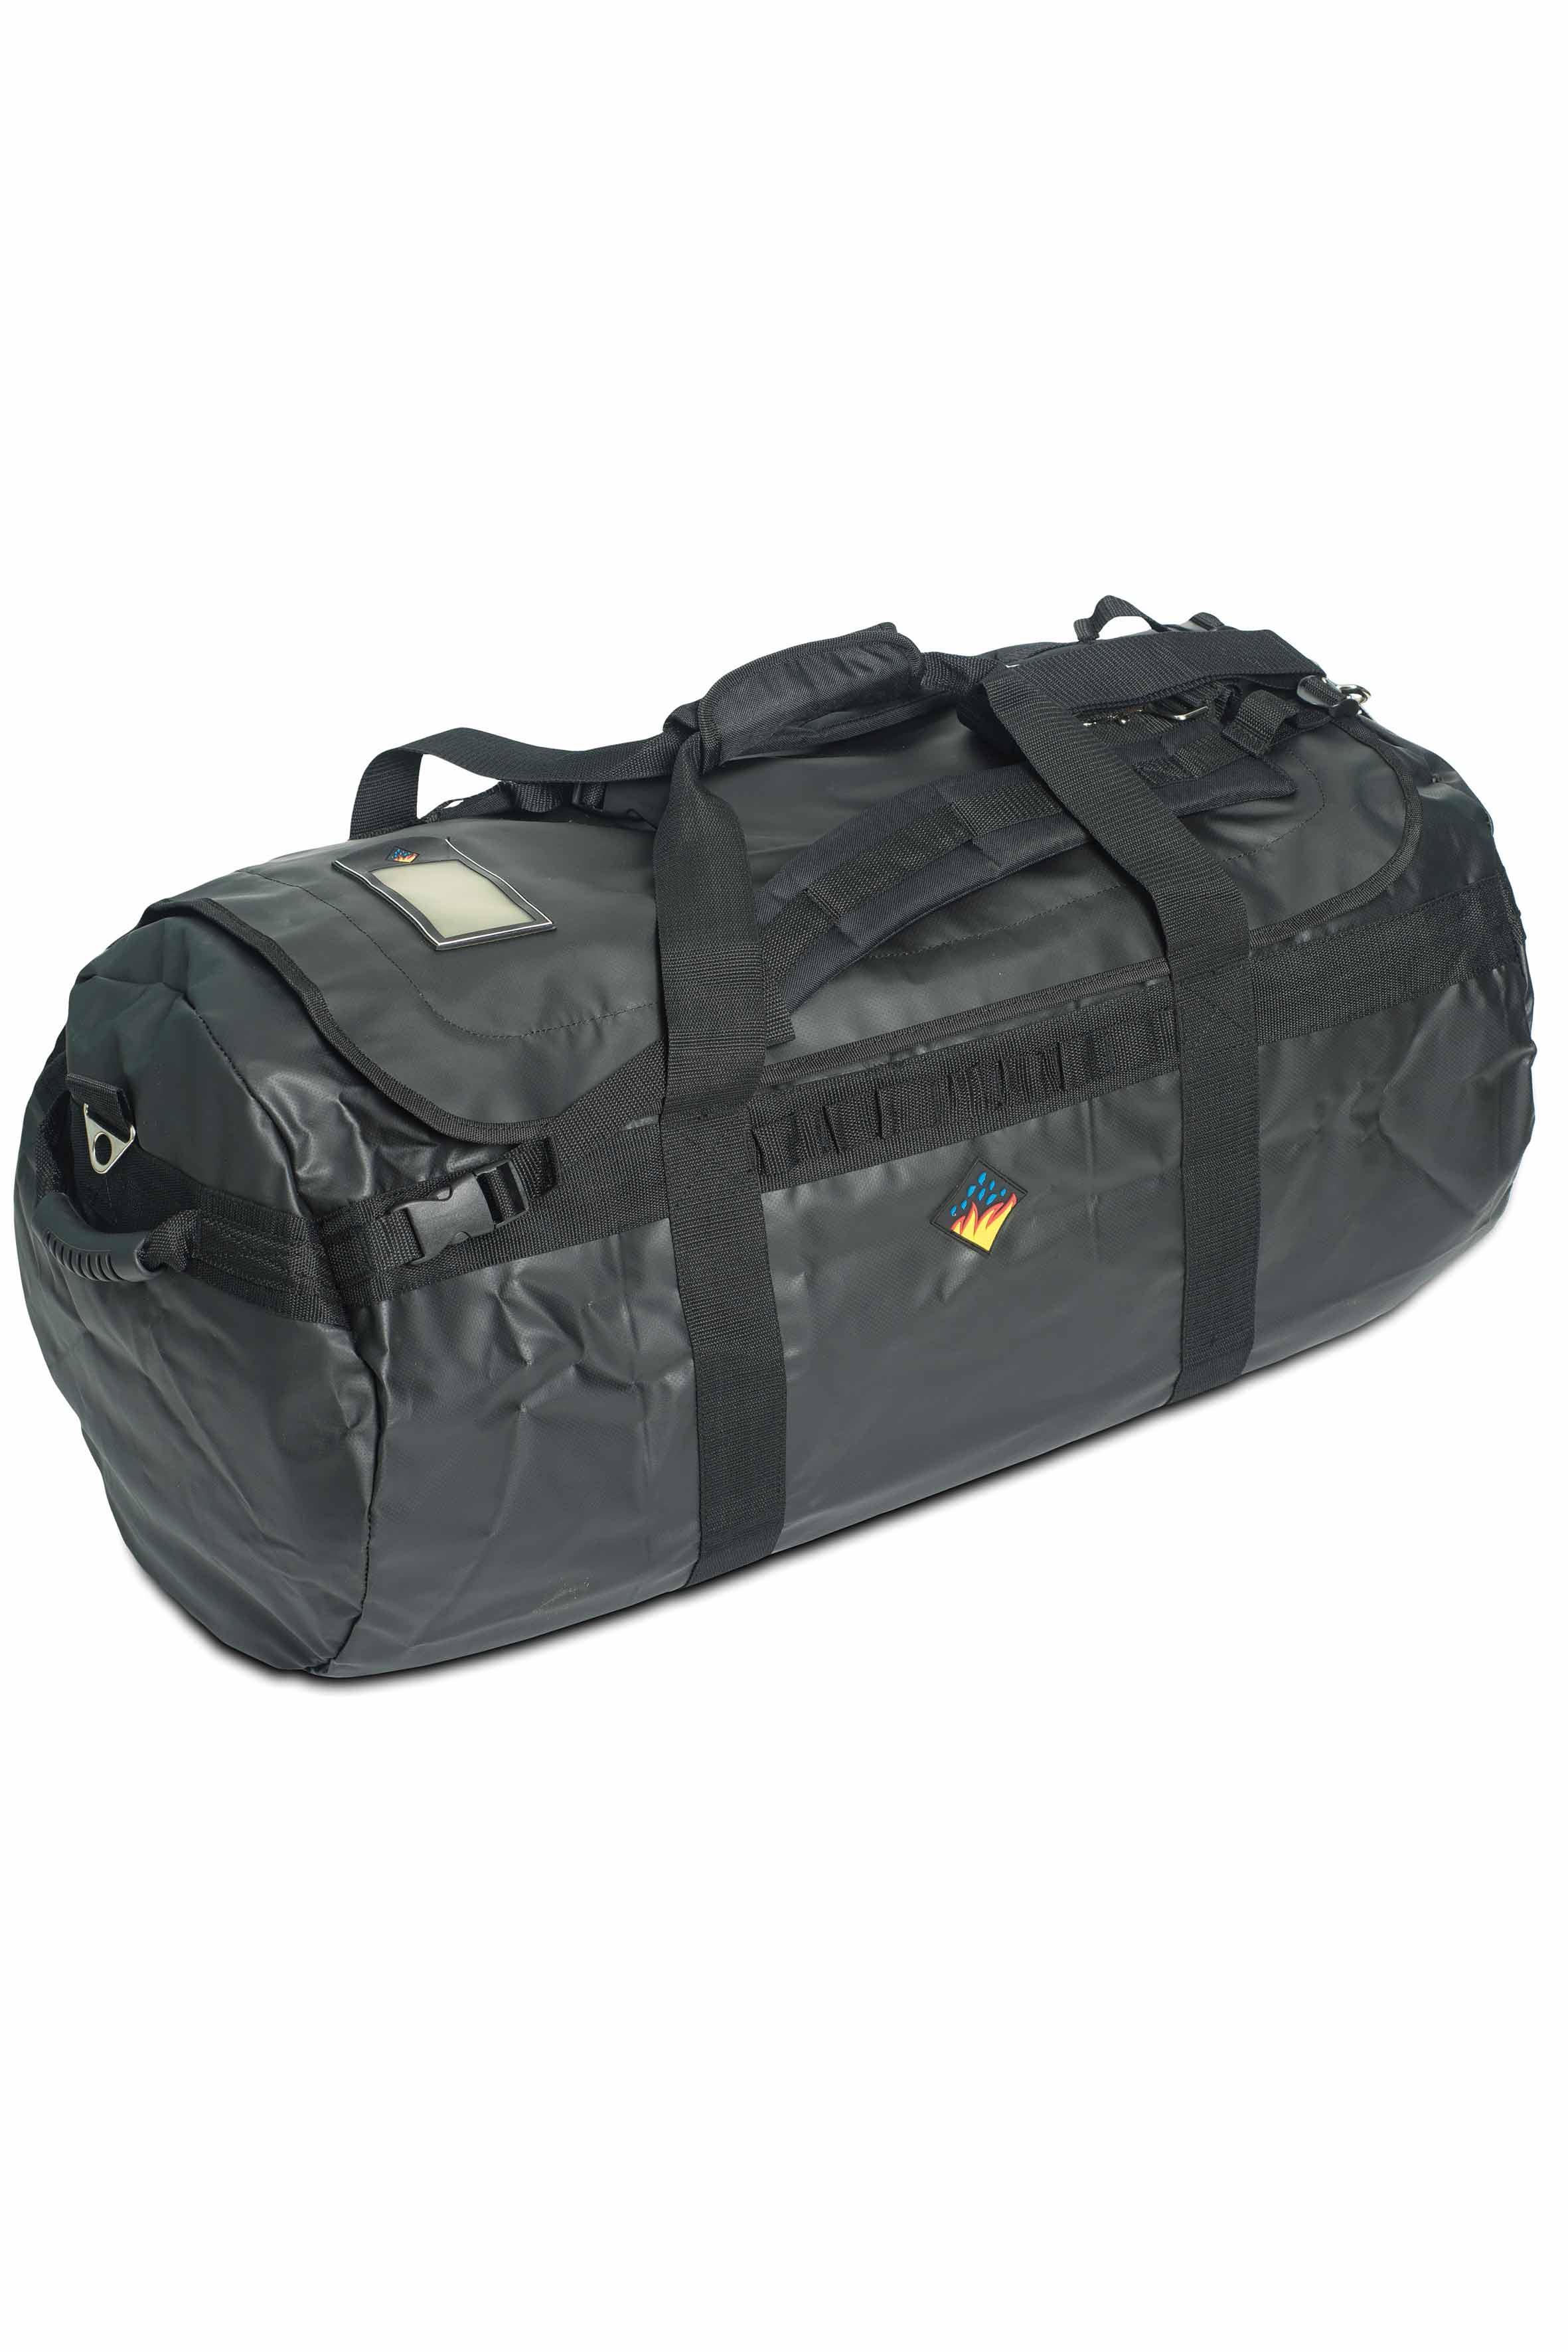 7c7aeda4b6b Venture PVC Kit Bag - Safequip